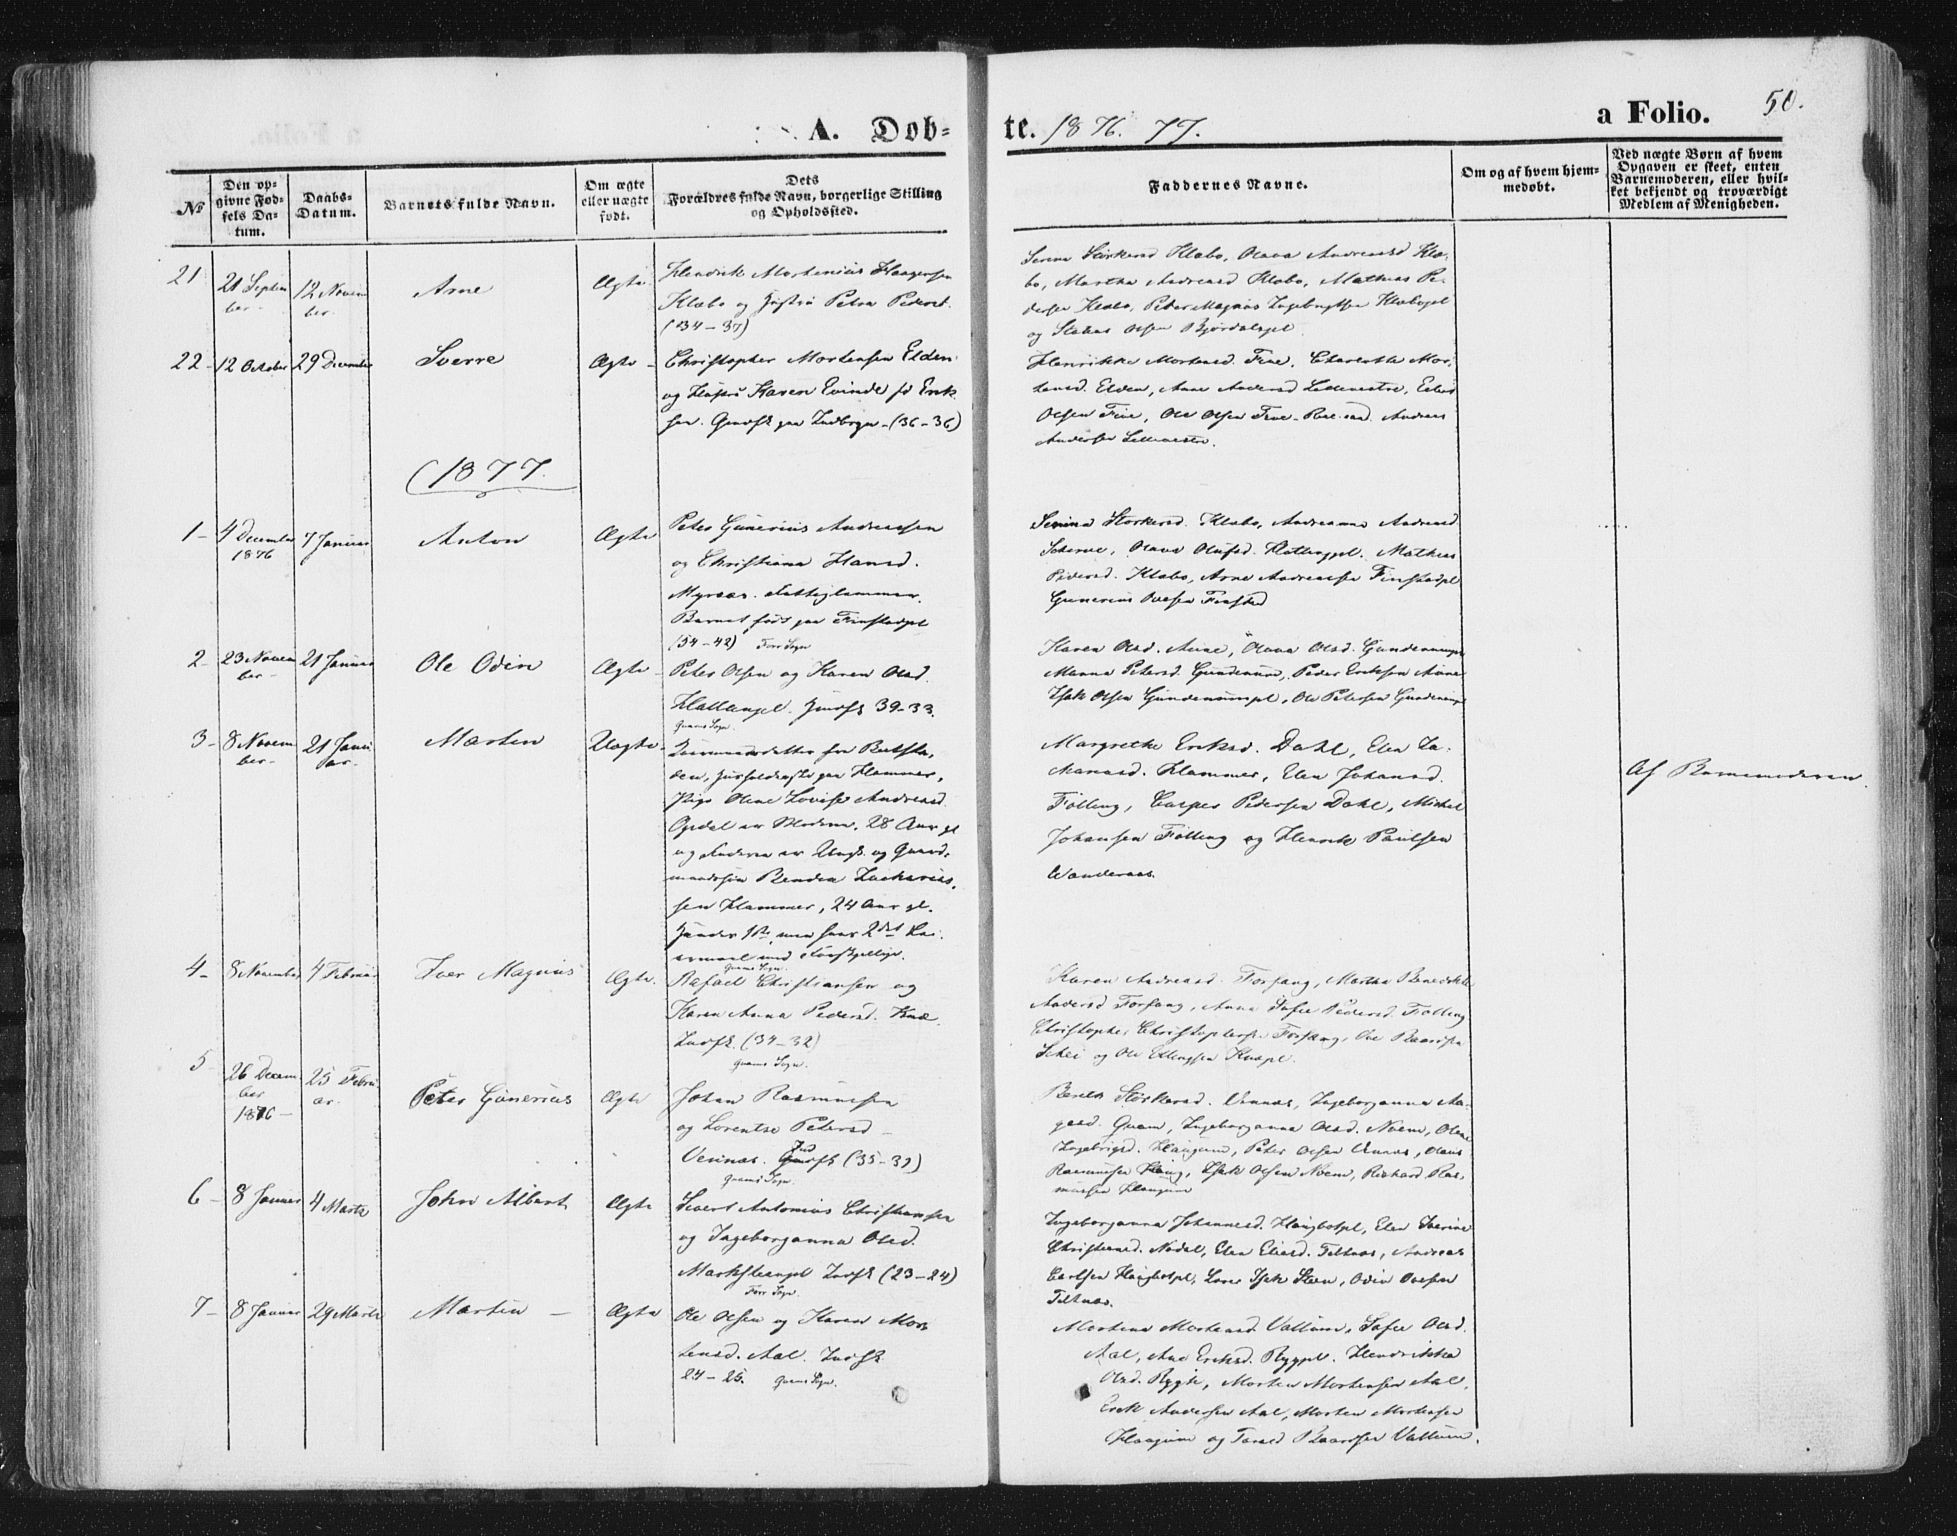 SAT, Ministerialprotokoller, klokkerbøker og fødselsregistre - Nord-Trøndelag, 746/L0447: Ministerialbok nr. 746A06, 1860-1877, s. 50